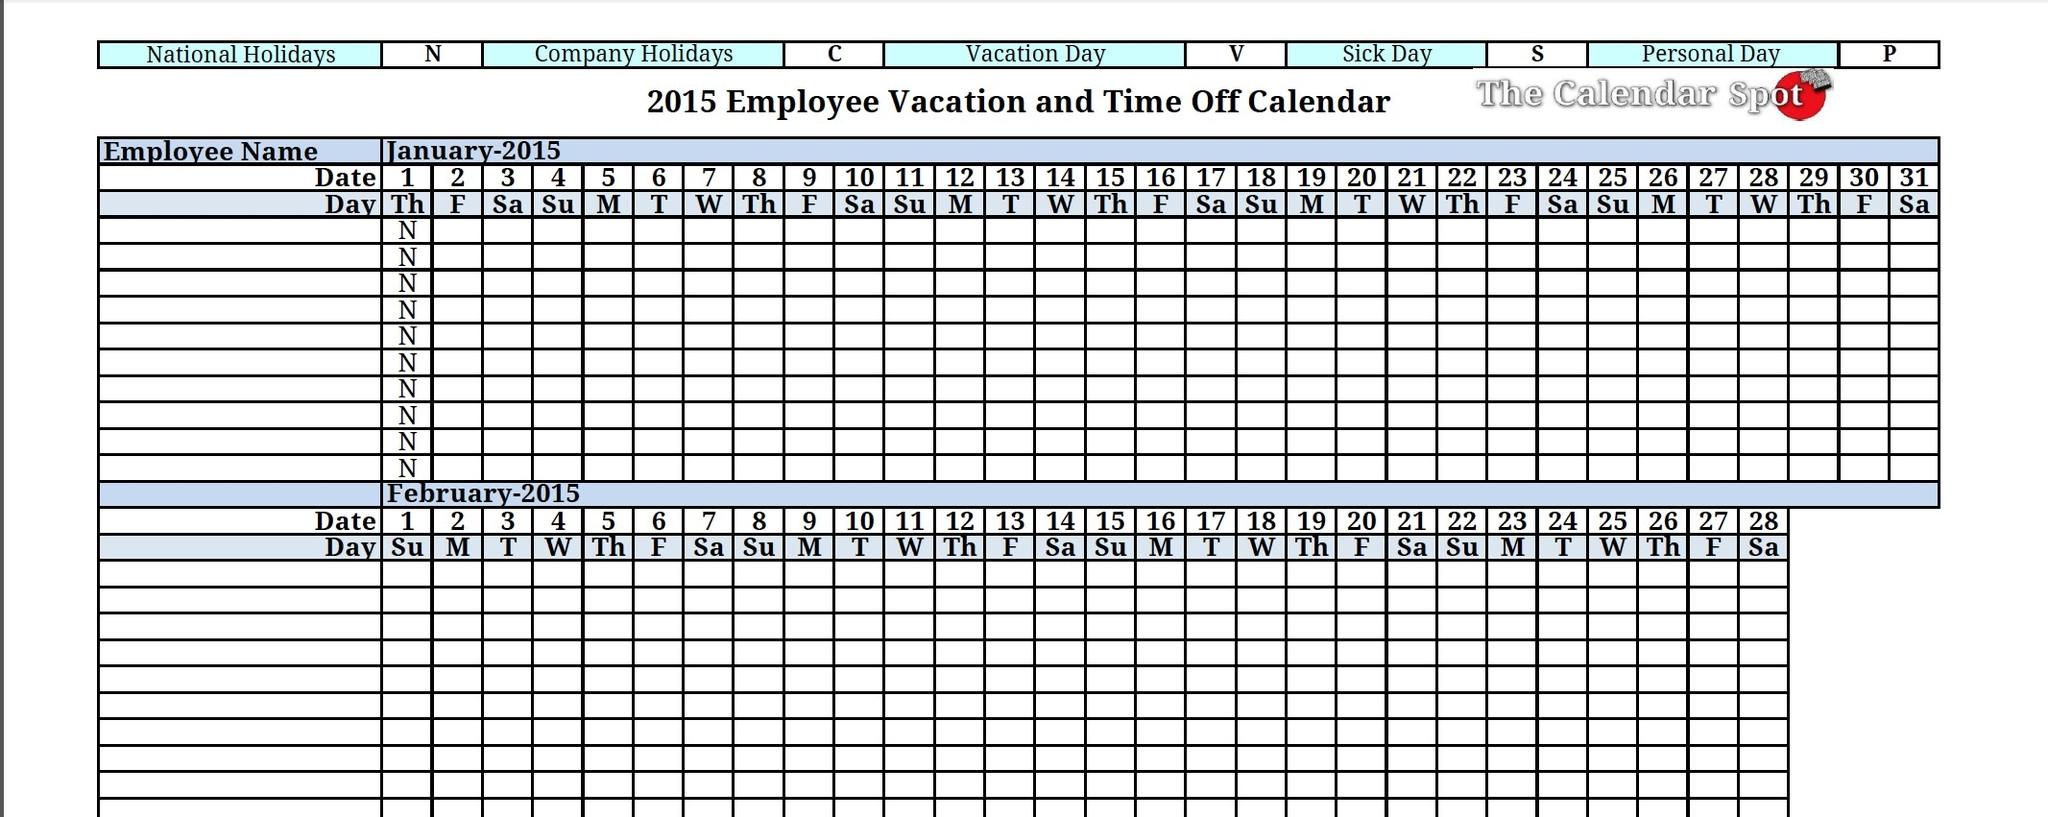 Vacation Calendar Template 2015 Endore Enhance Dentalco 89uj